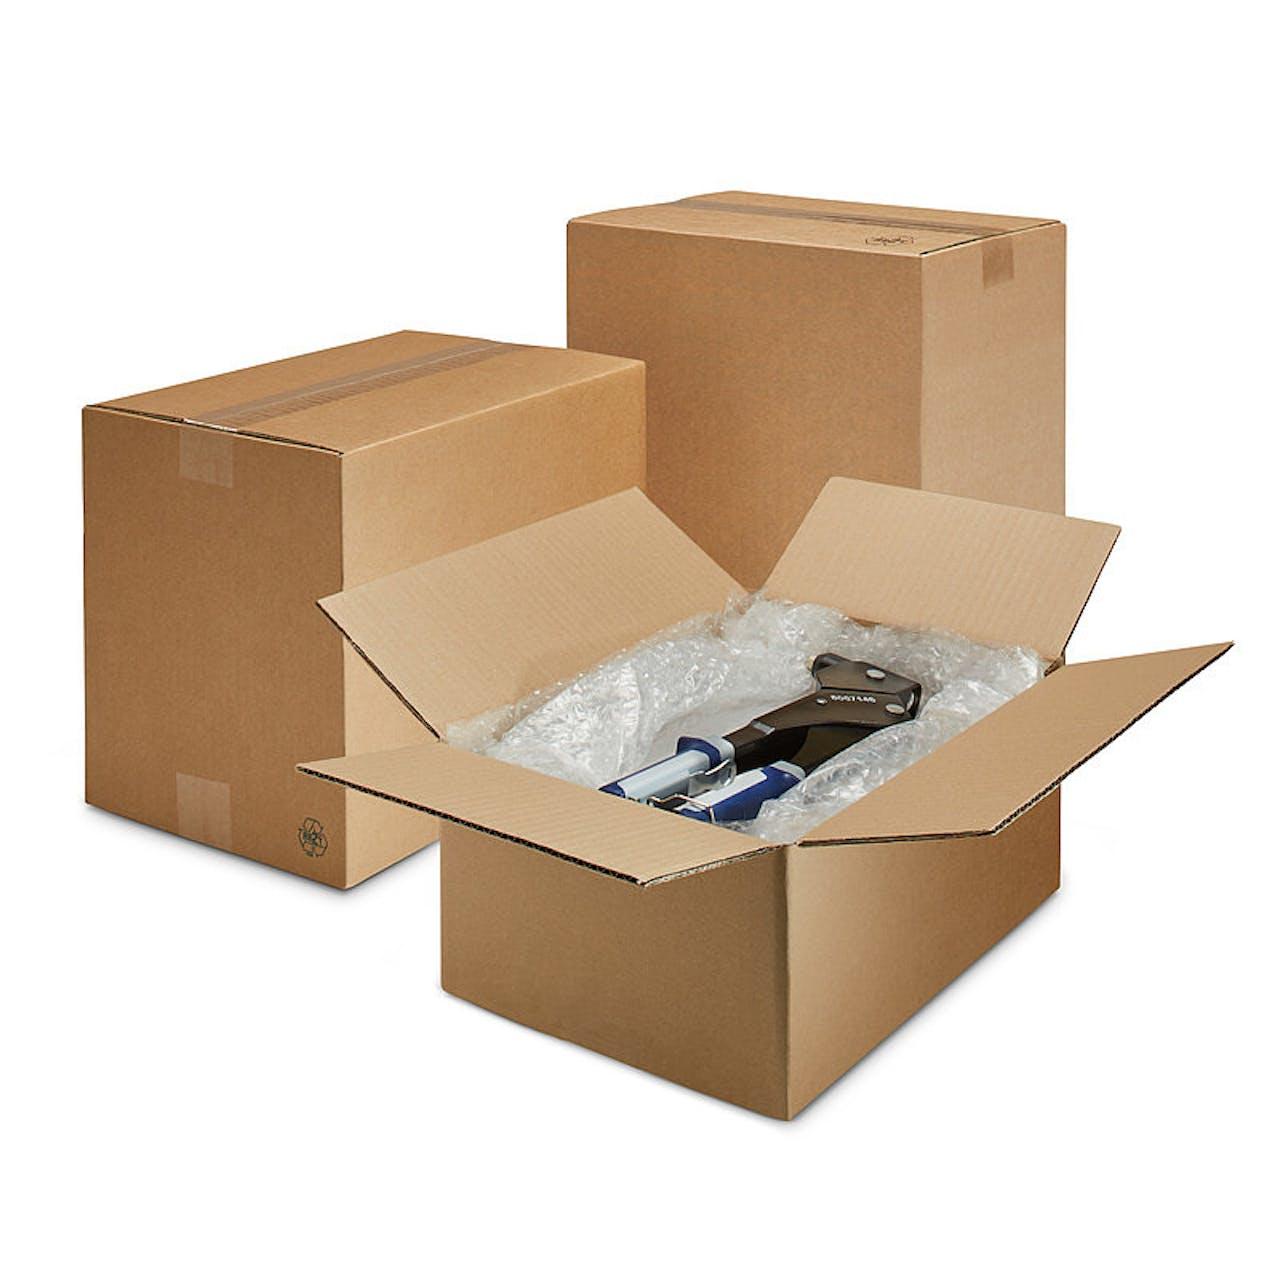 Wellpapp-Faltkarton, 3-wellig, 1100 x 1100 x 650 mm, 1 Container Palettenmaß